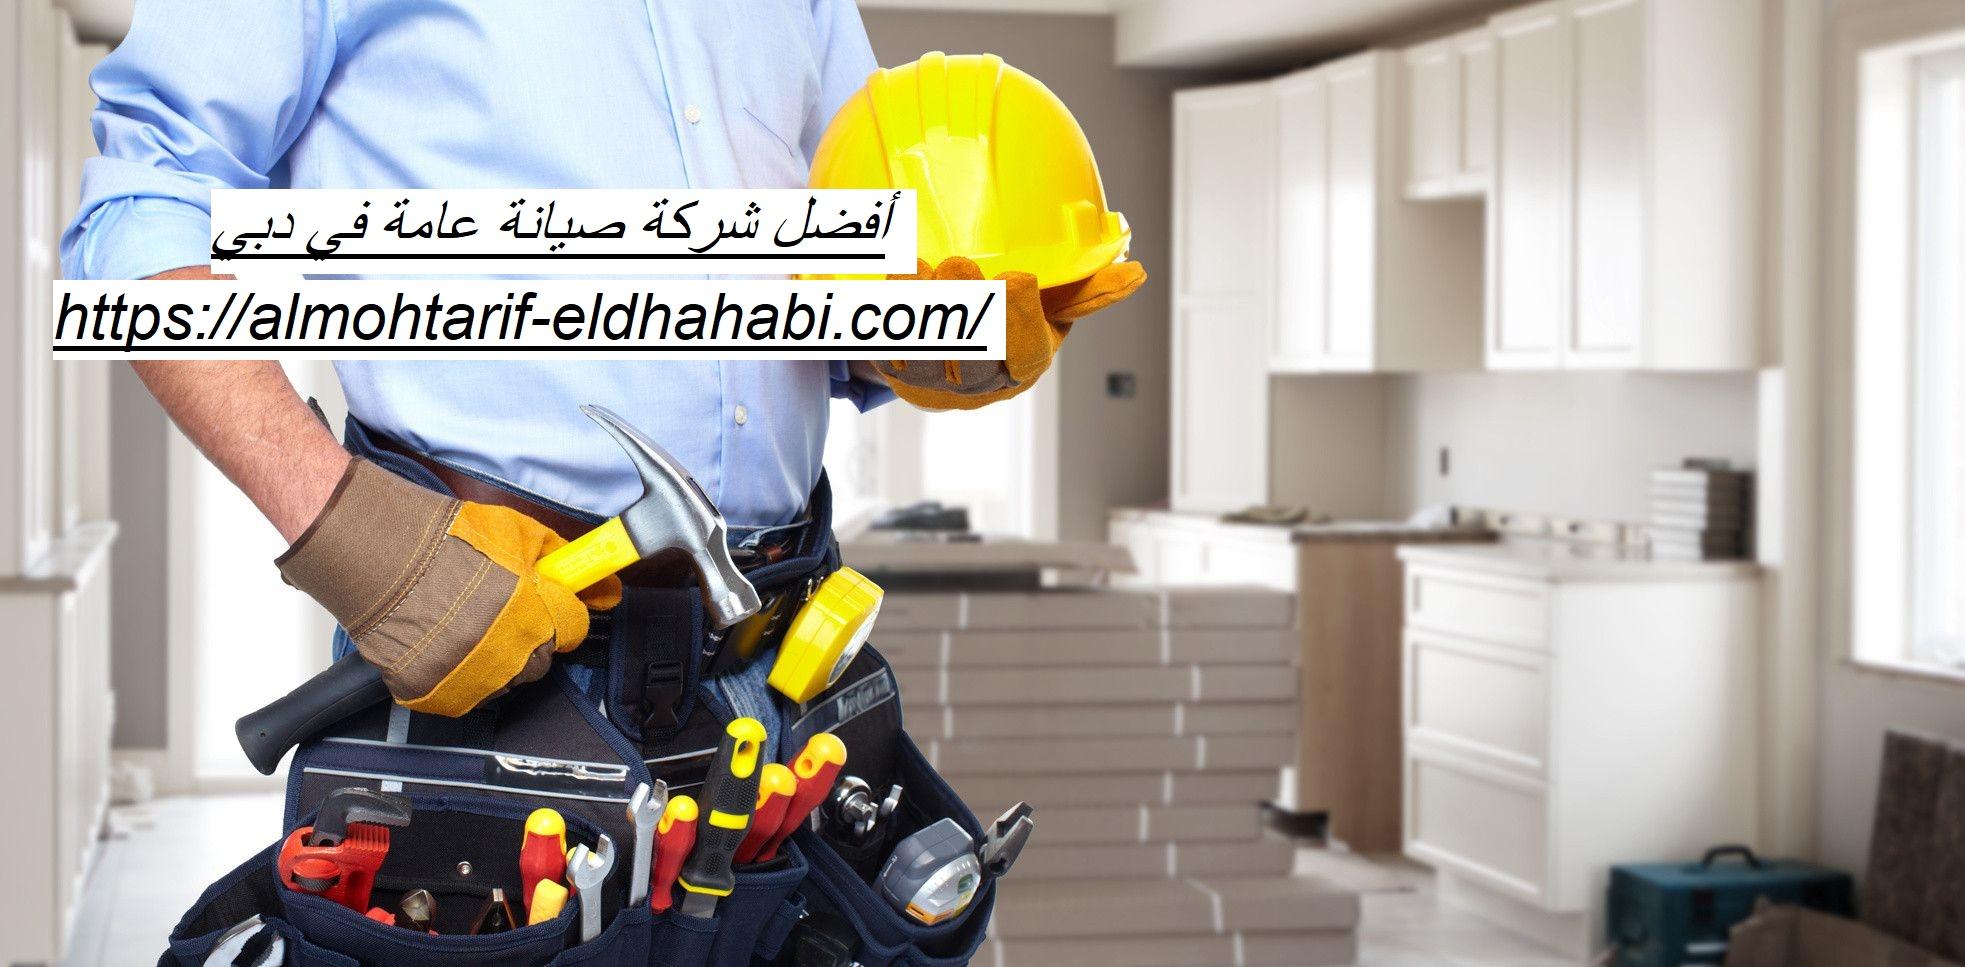 أفضل شركة صيانة عامة في دبي